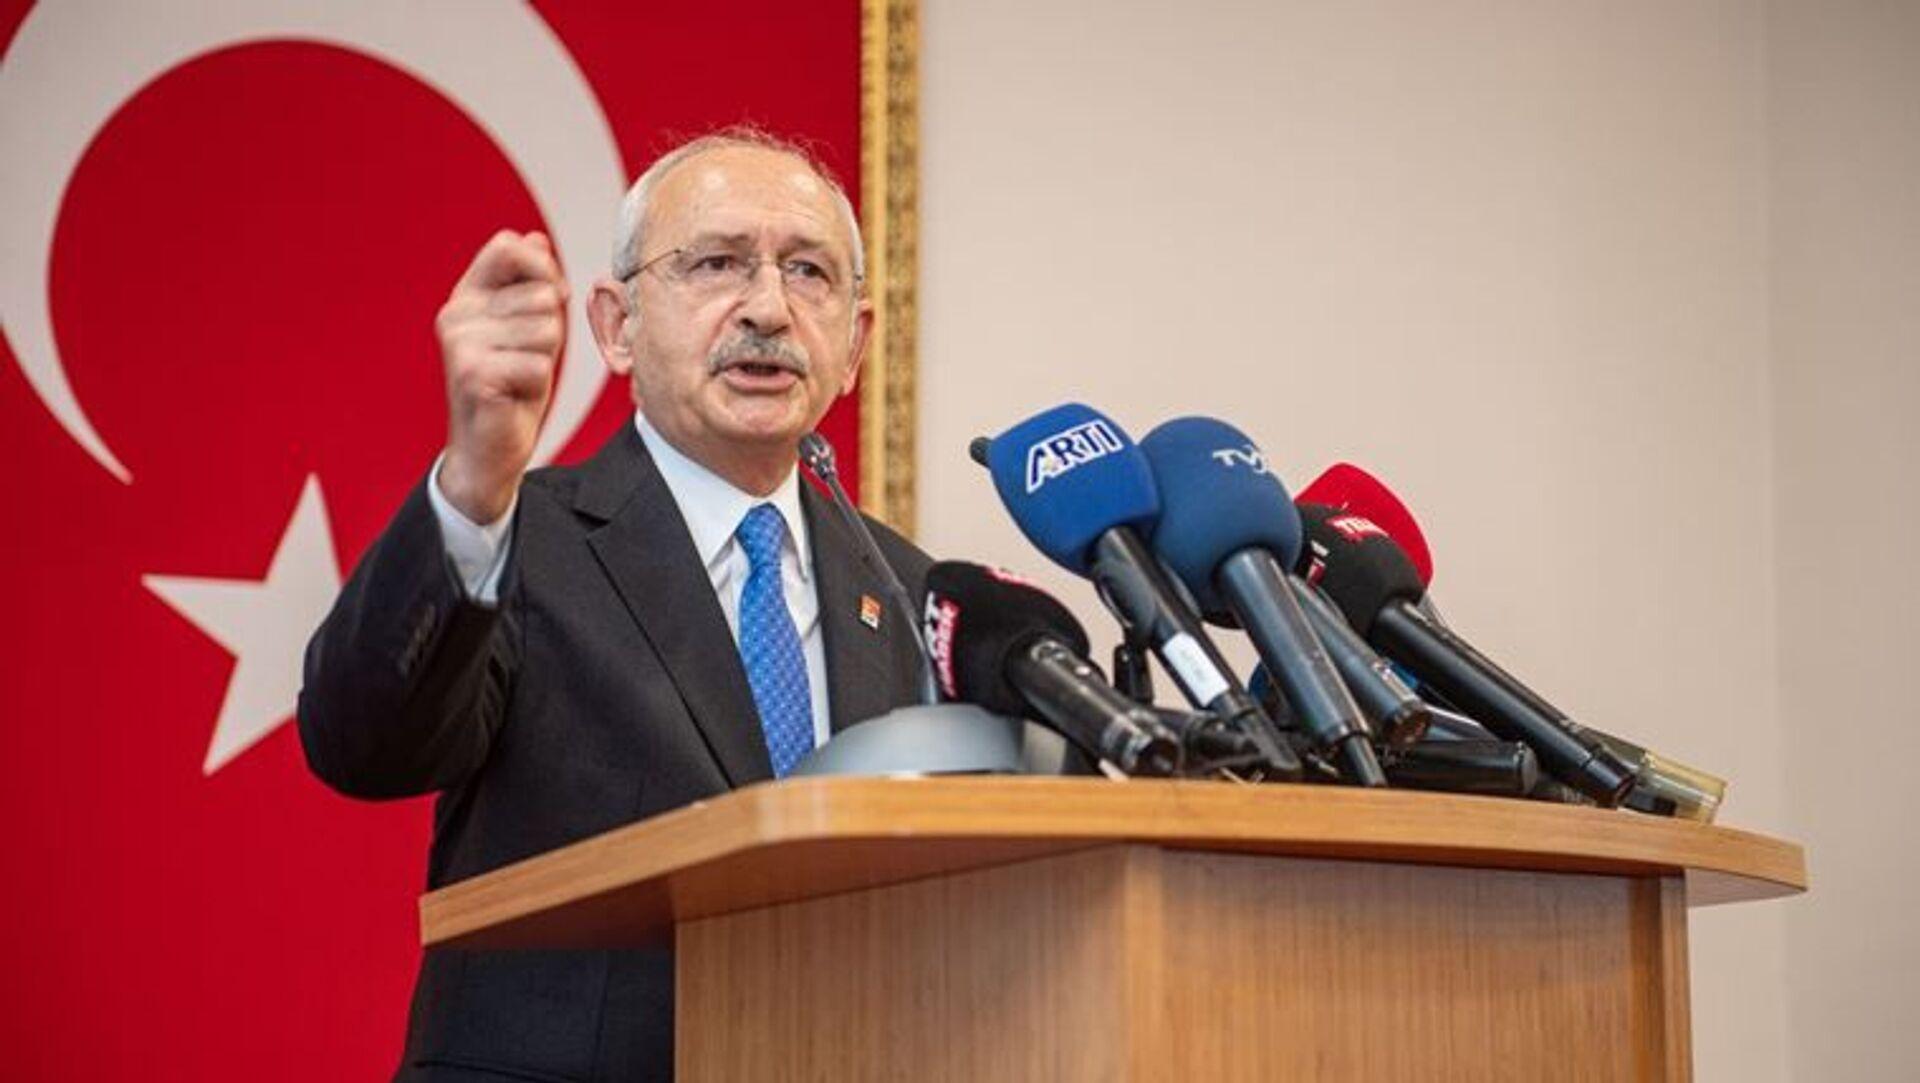 CHP Genel Başkanı Kılıçdaroğlu, Antalya Kriz Merkezi'nde konuştu: Her yıl 1 tane uçak alınsa bugün 19 uçağımız olacaktı - Sputnik Türkiye, 1920, 30.07.2021